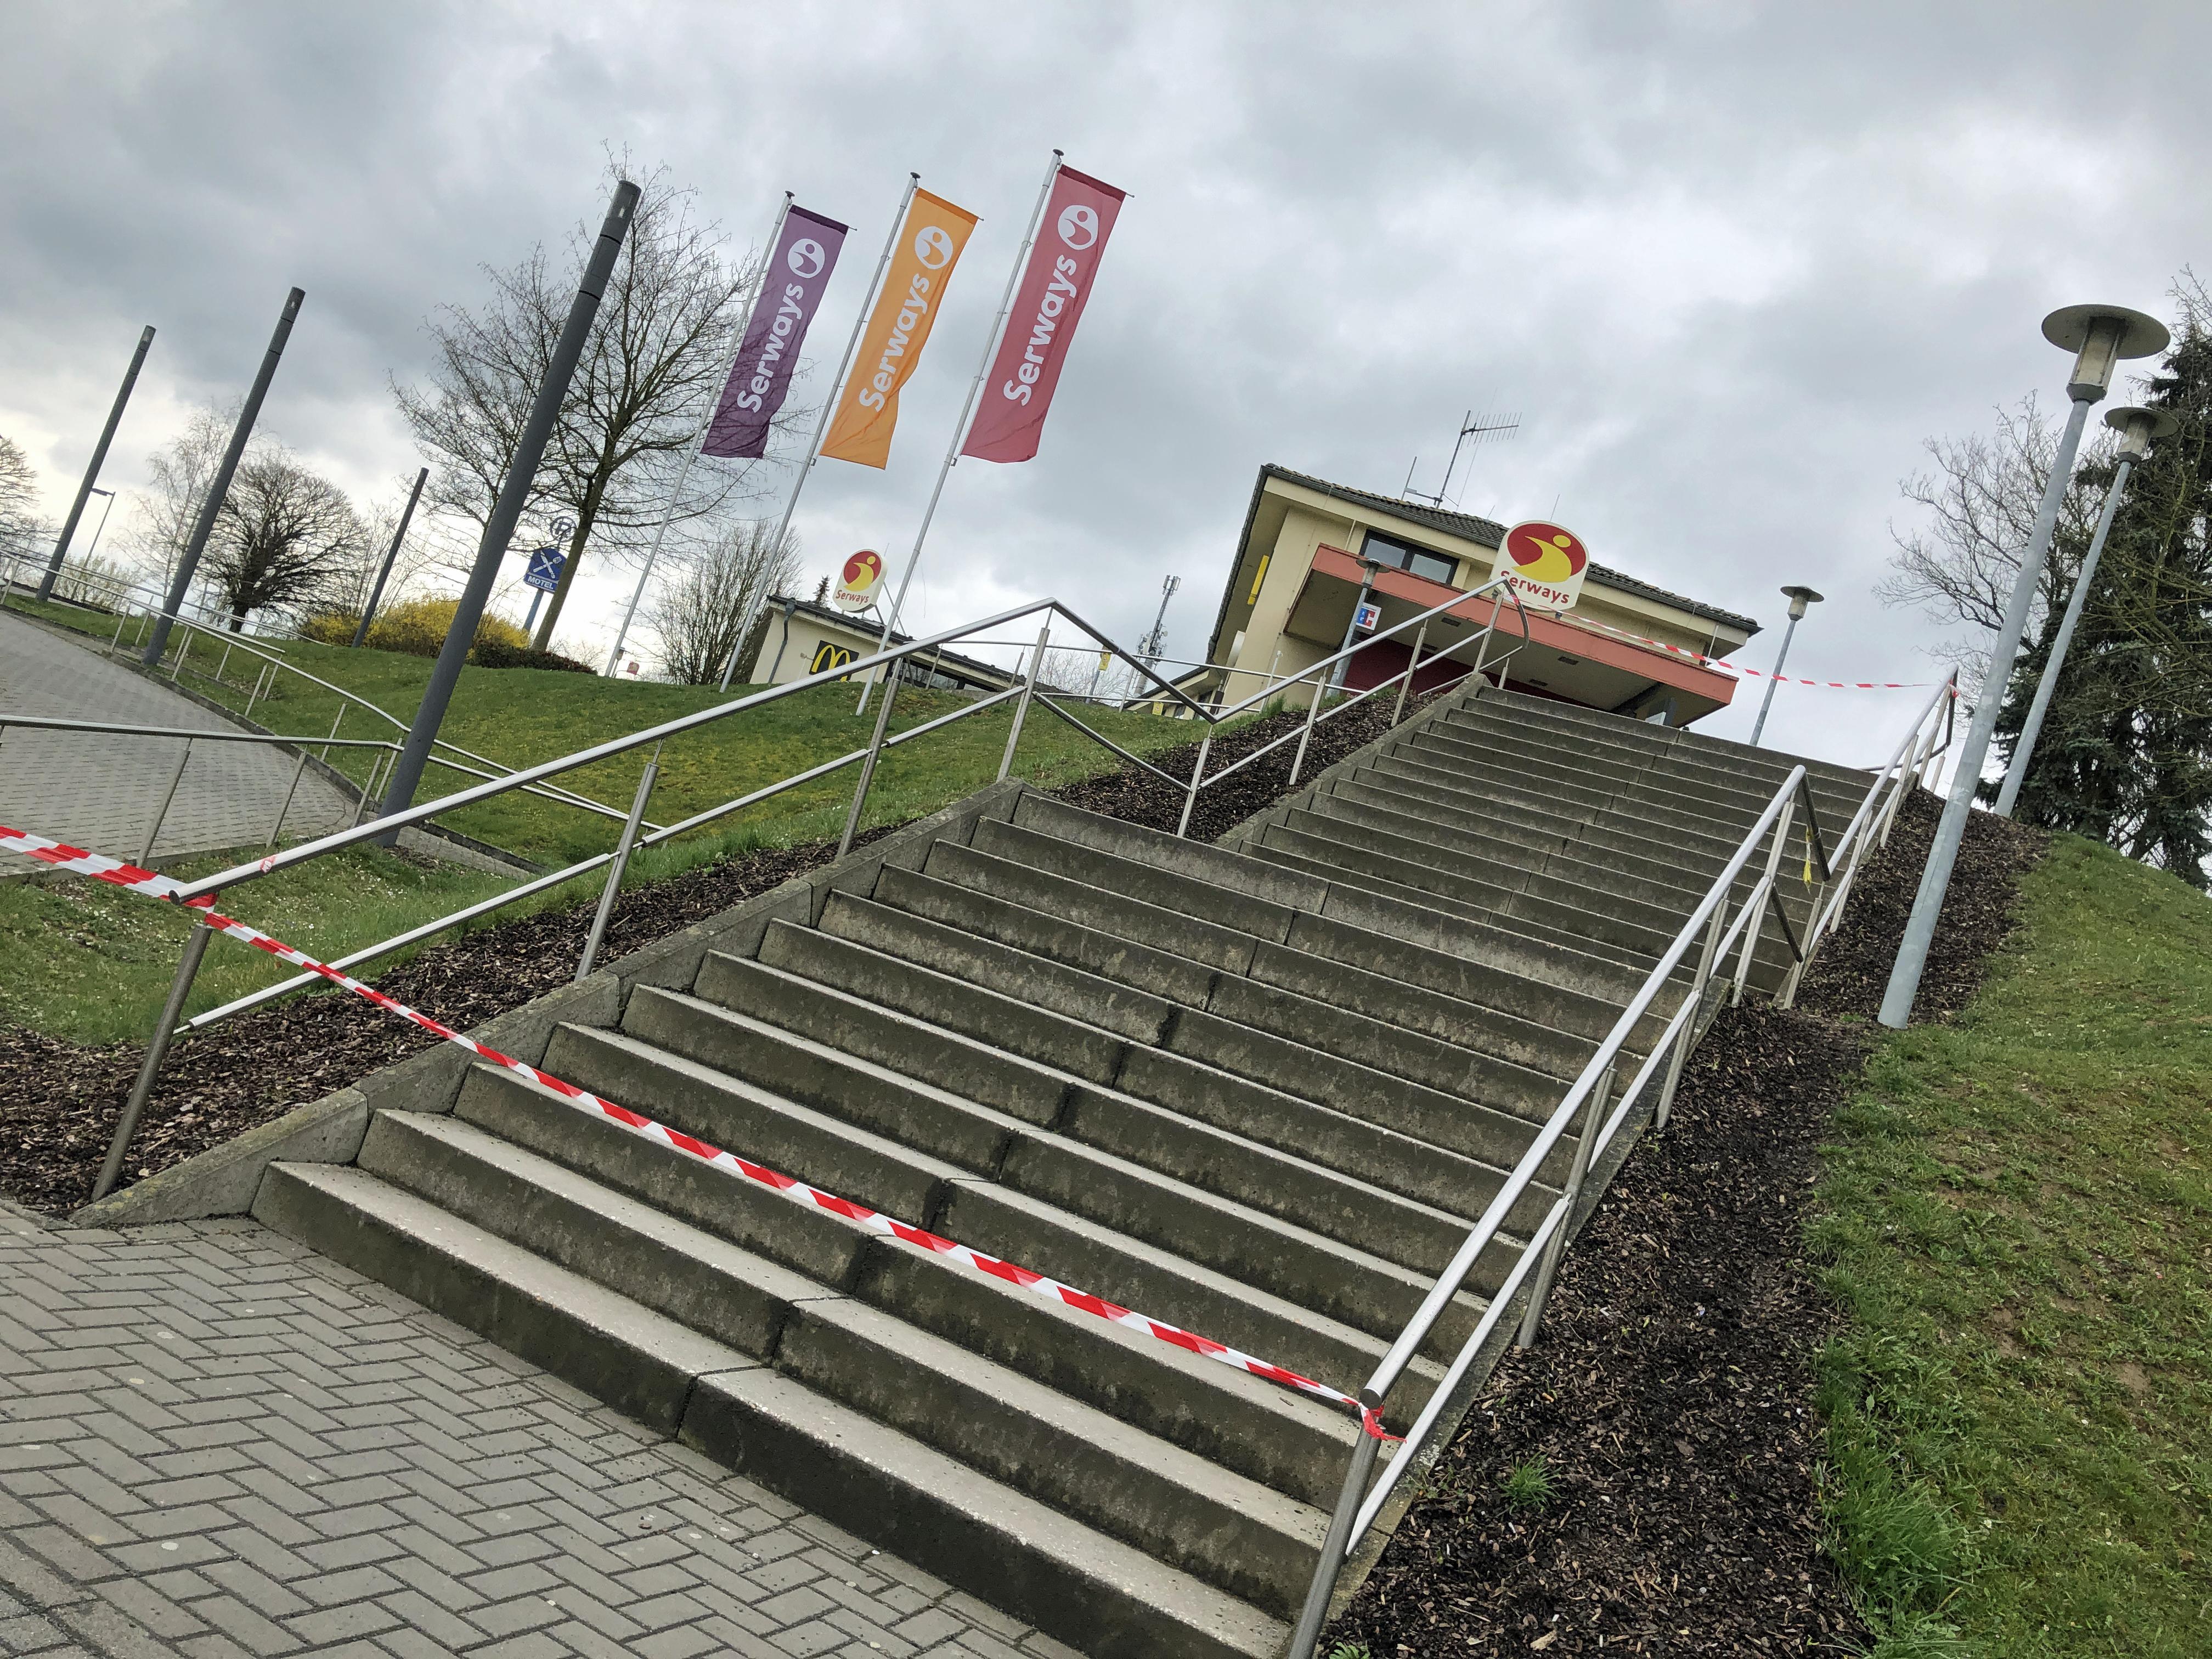 Mit Flatterband abgesperrt: Treppe zu einem Serways-Autobahnrasthof